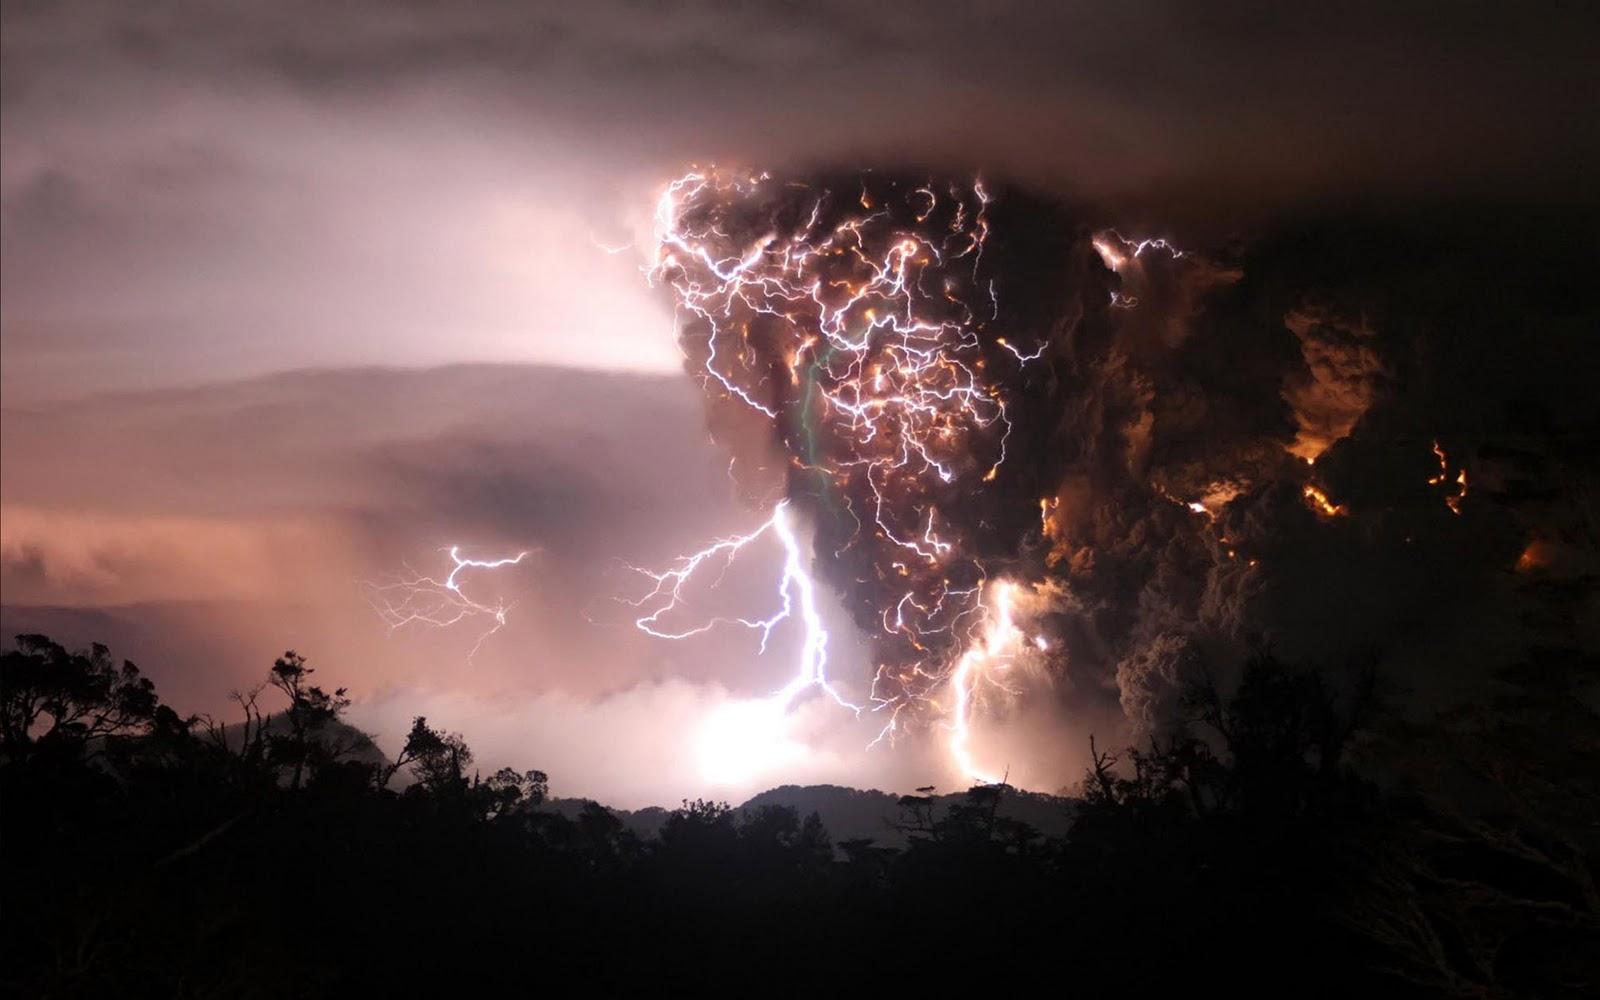 http://1.bp.blogspot.com/_RAlP3BmEW1Q/TQUtNPlizFI/AAAAAAAAB-I/rHlydwZCj9w/s1600/Onweer-achtergronden-onweer-wallpapers-2.jpg